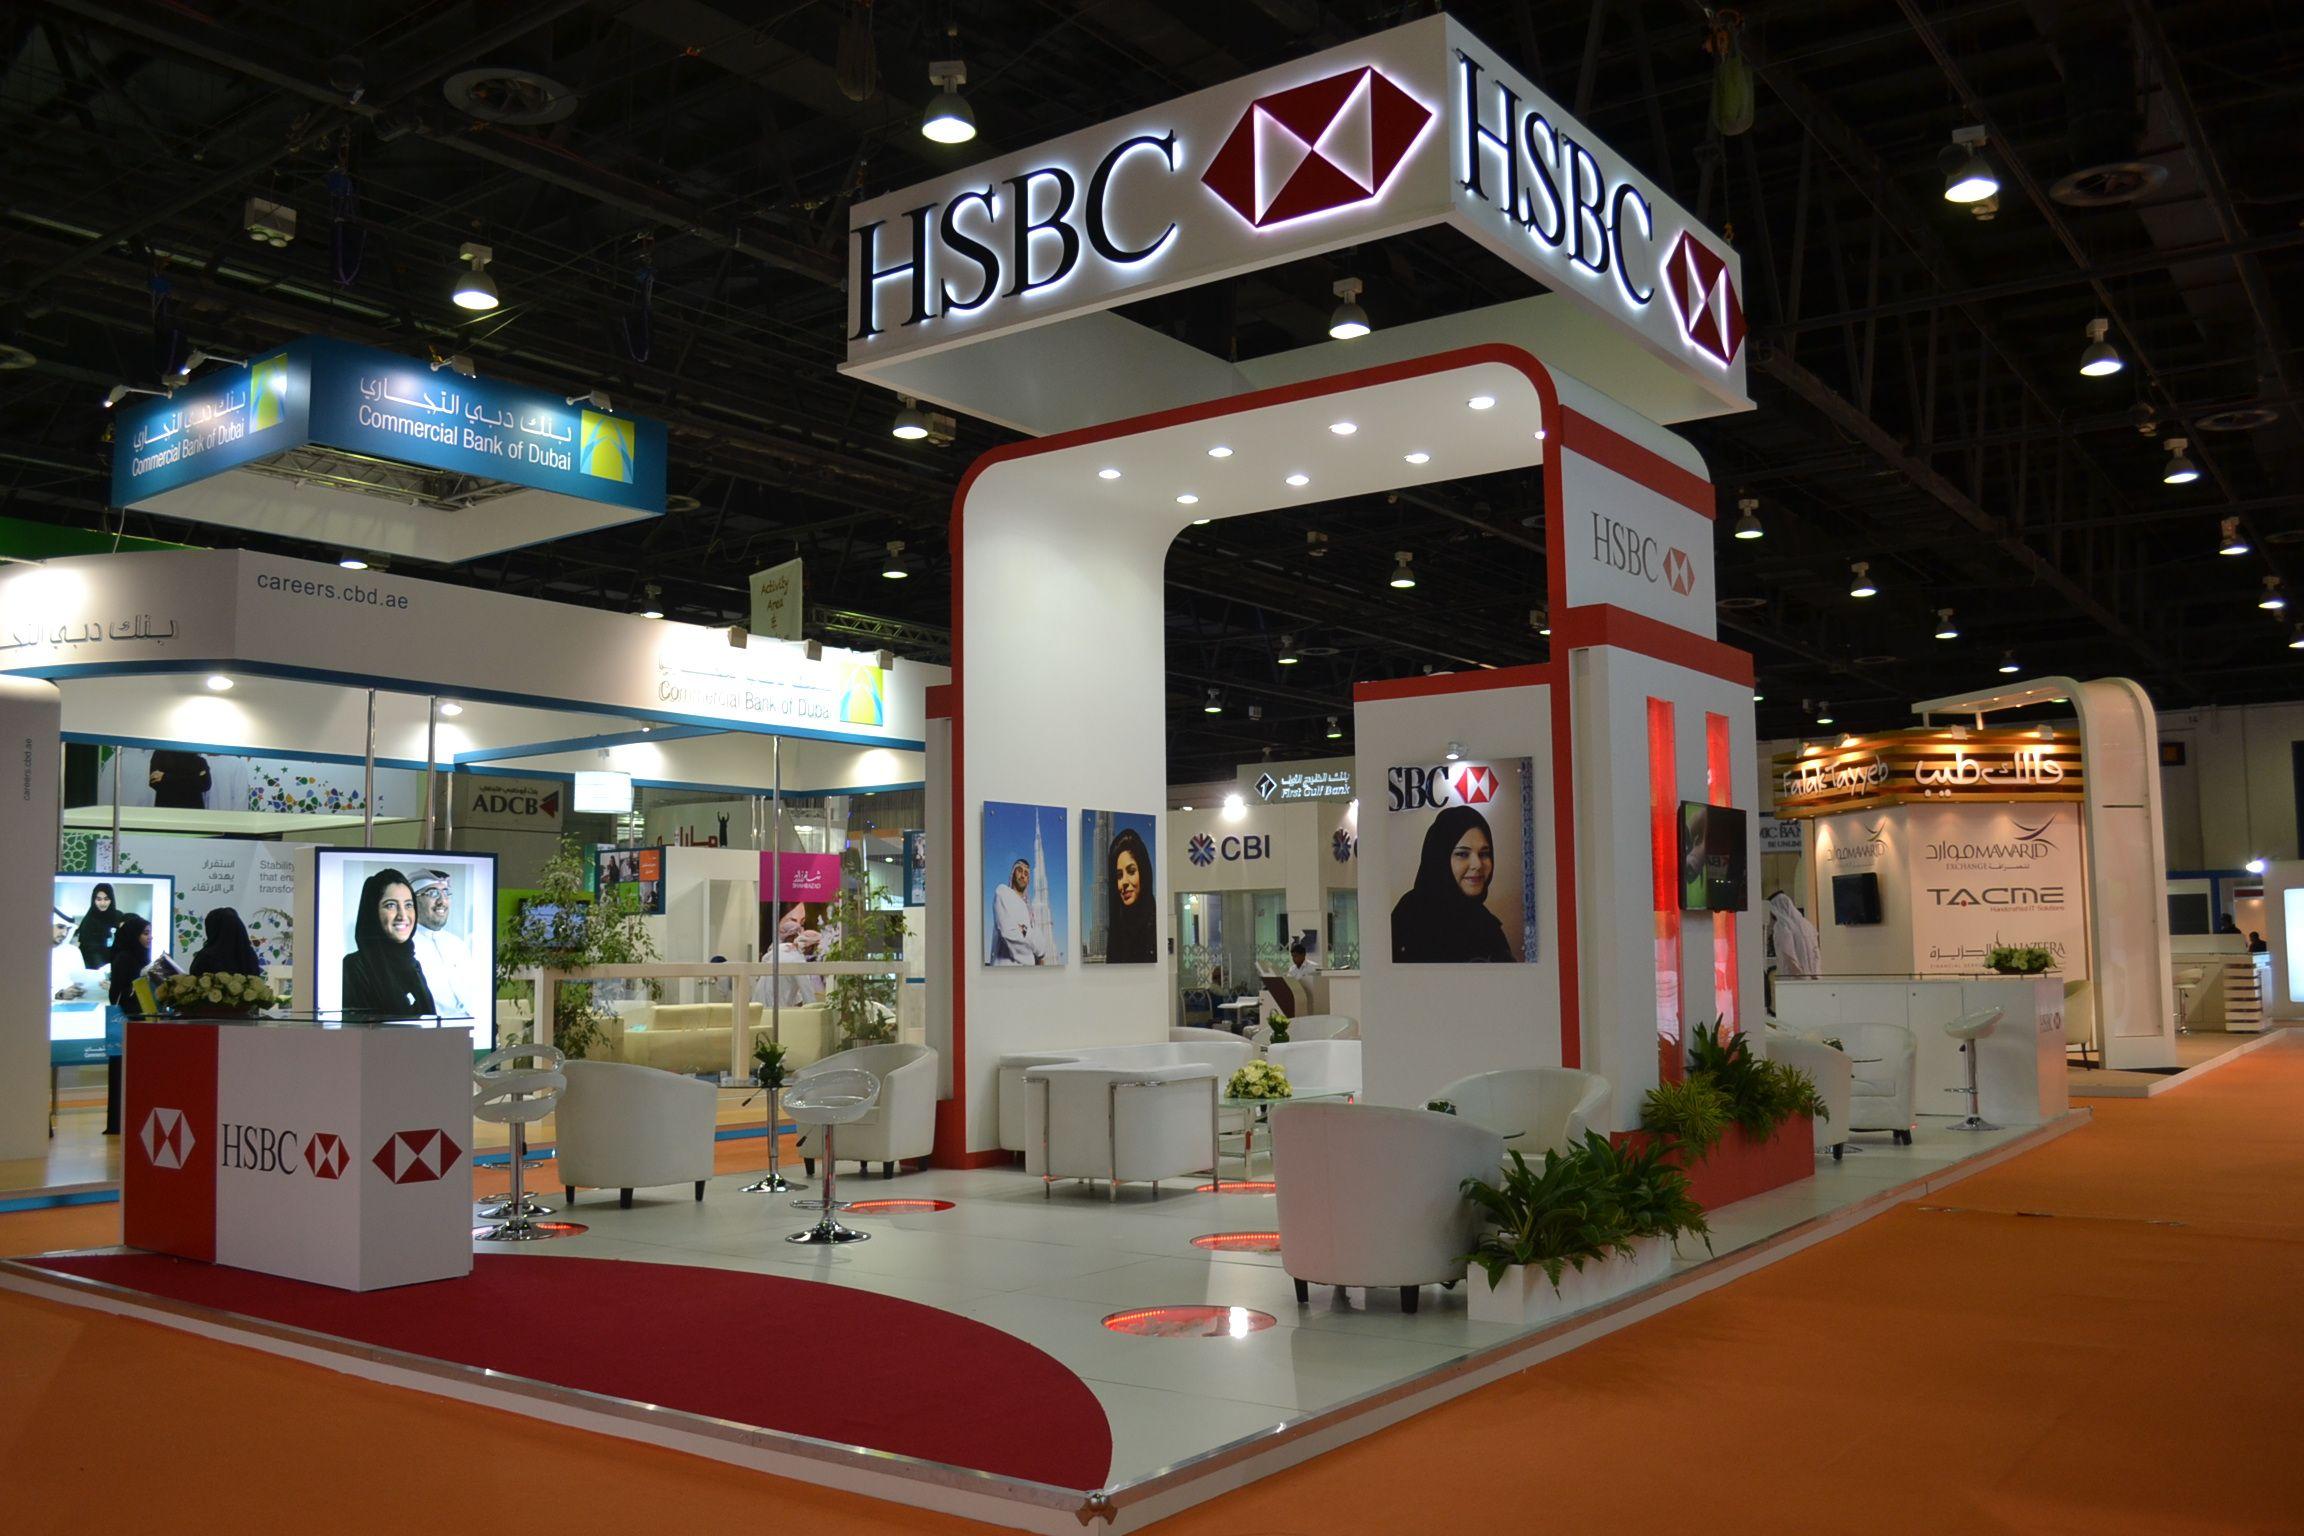 Exhibition Stand Idea : Hsbc booth dubai career fair